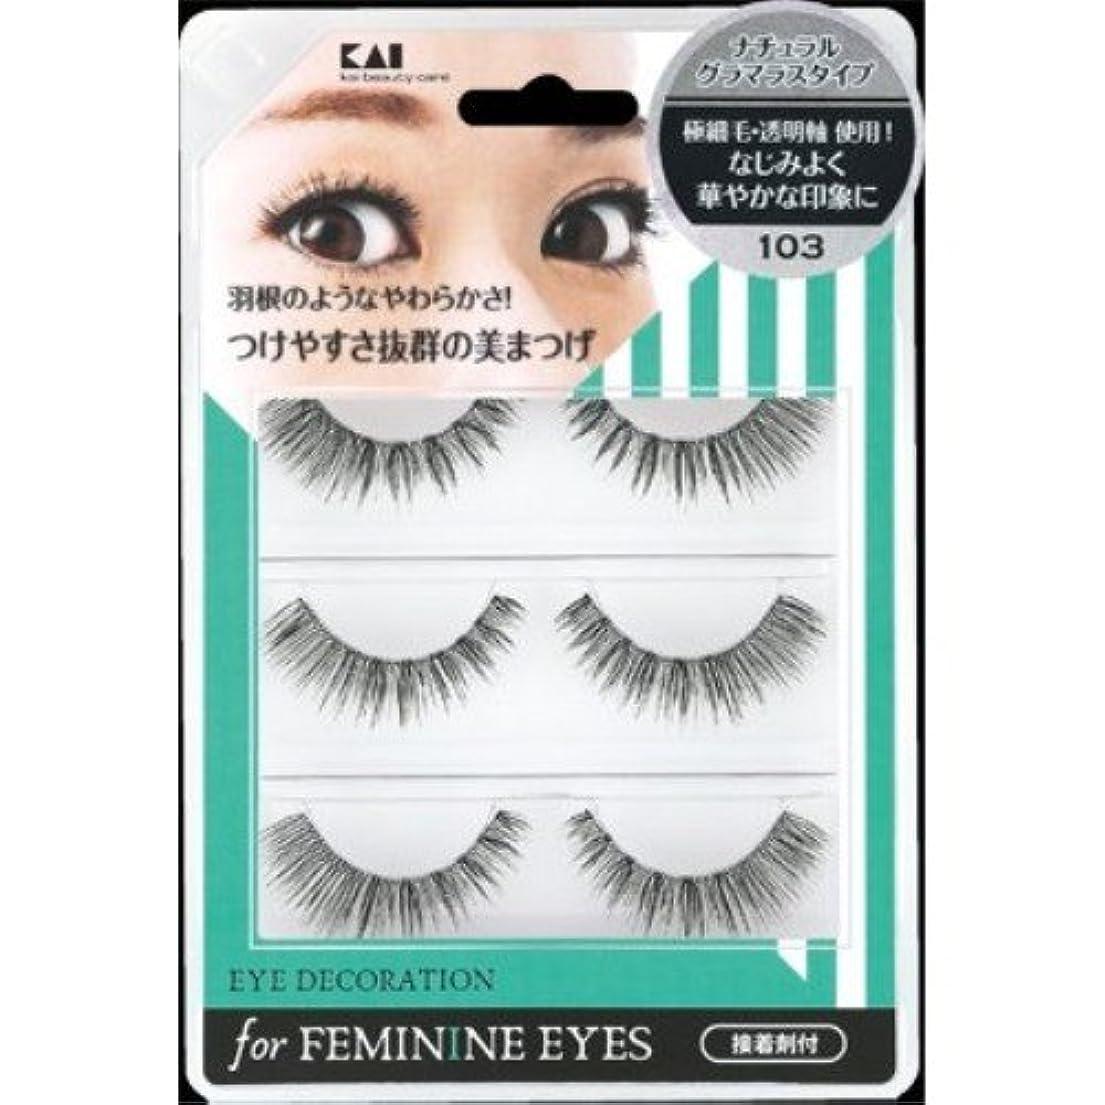 腐敗したおばあさんパイプライン貝印 アイデコレーション for feminine eyes 103 HC1557